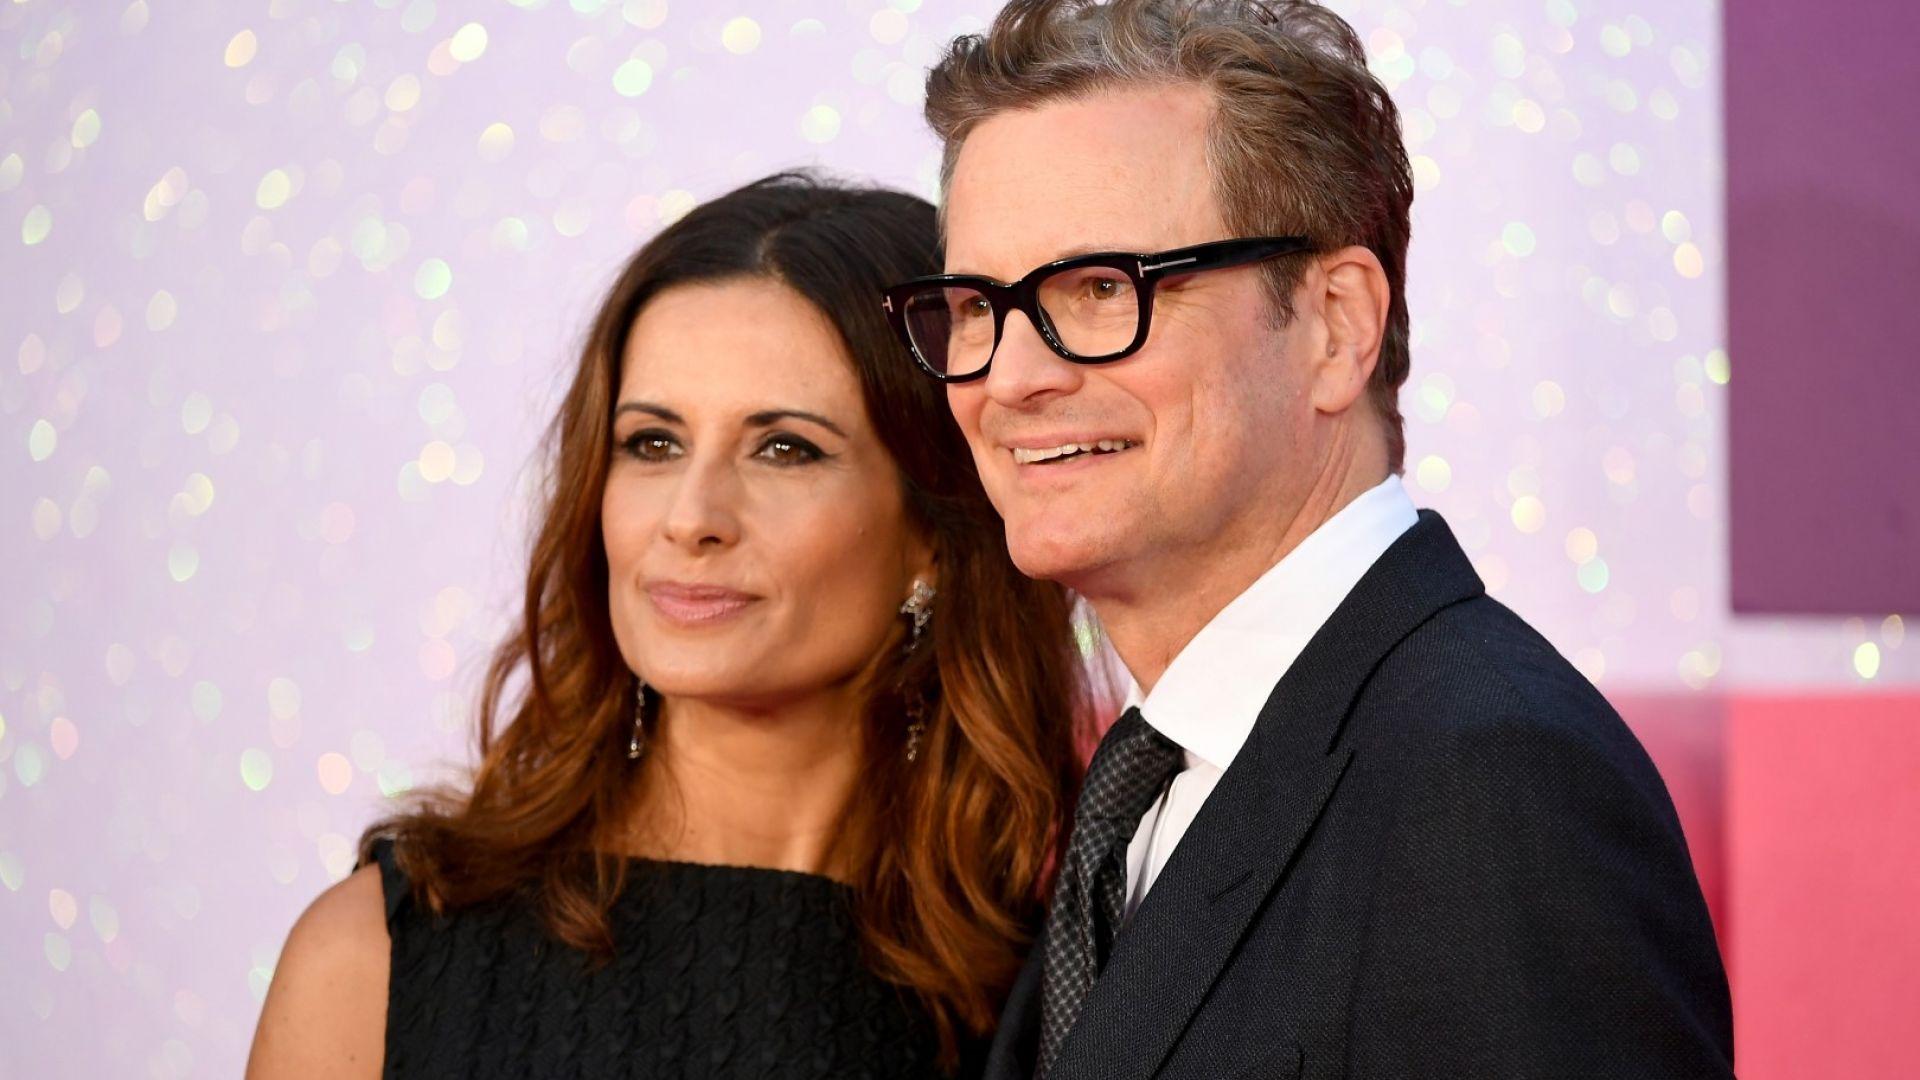 Колин Фърт се раздели със съпругата си след 22 години брак